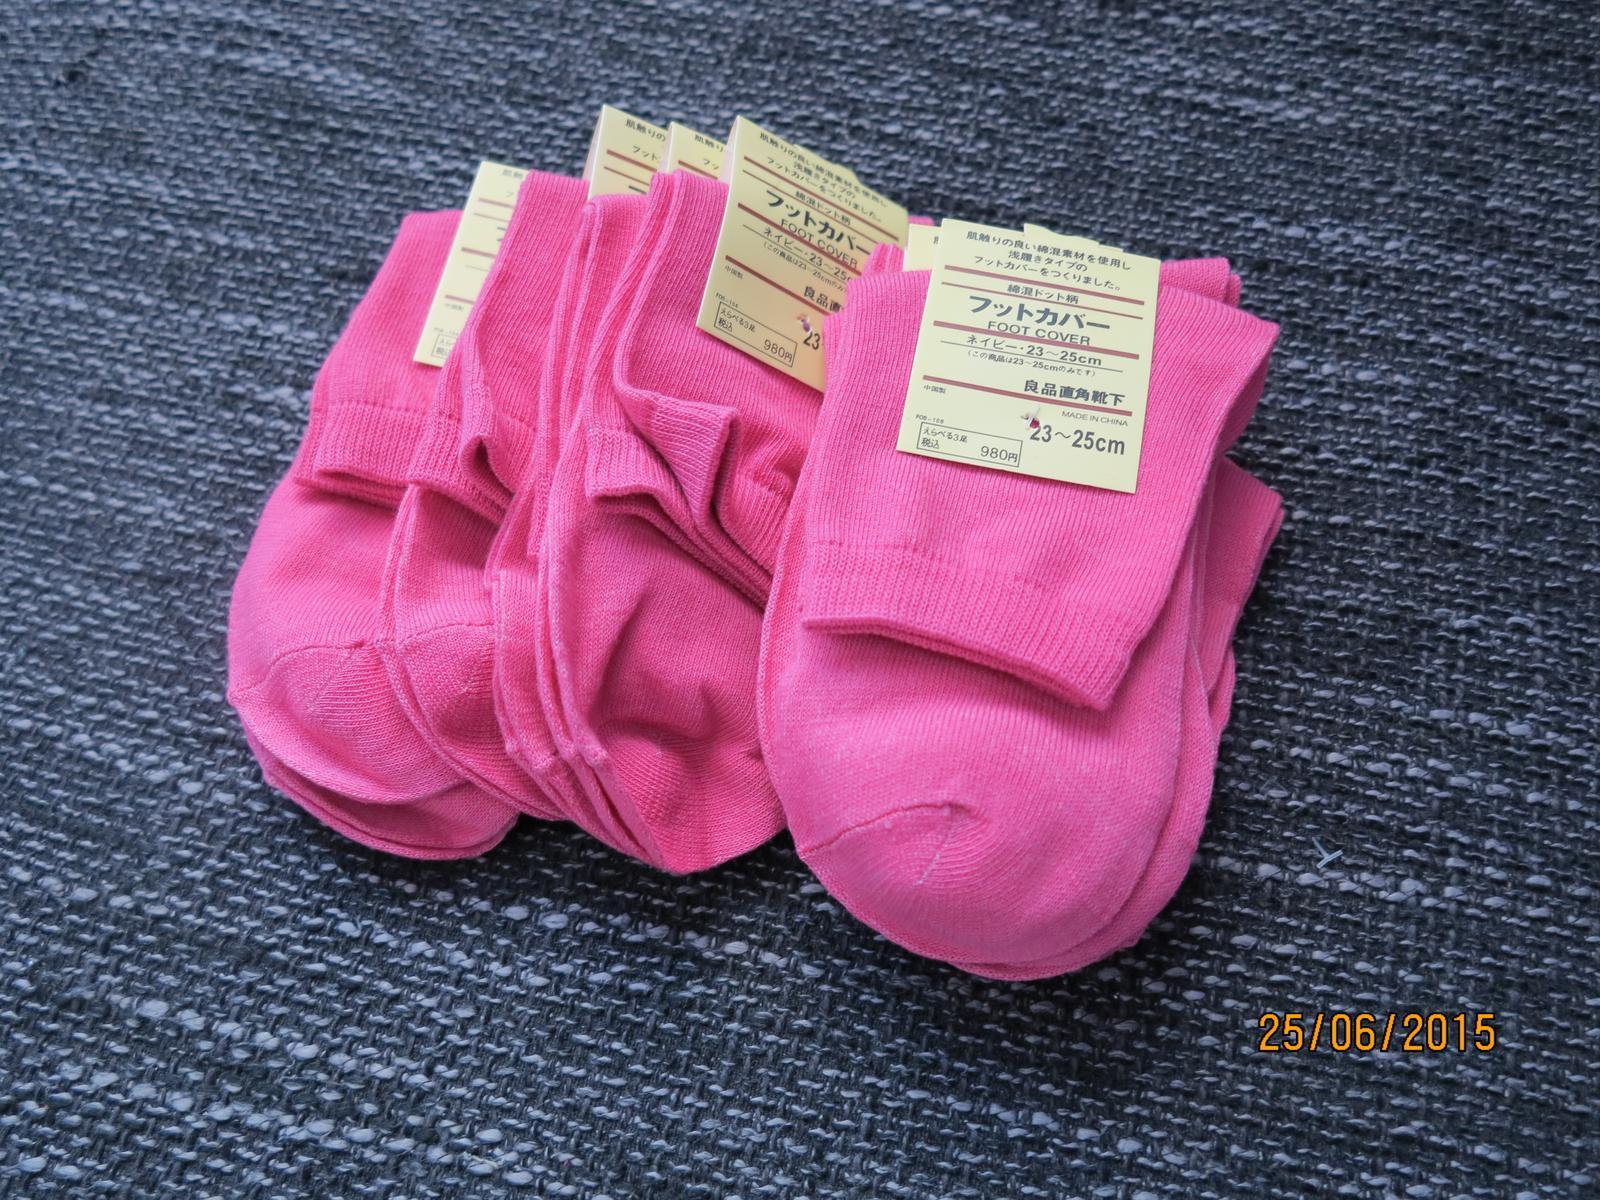 Co už máme :) - můj drahý krom motýlu má konečně i ponožky :D teď ještě ten zbytek a může se ženit :D